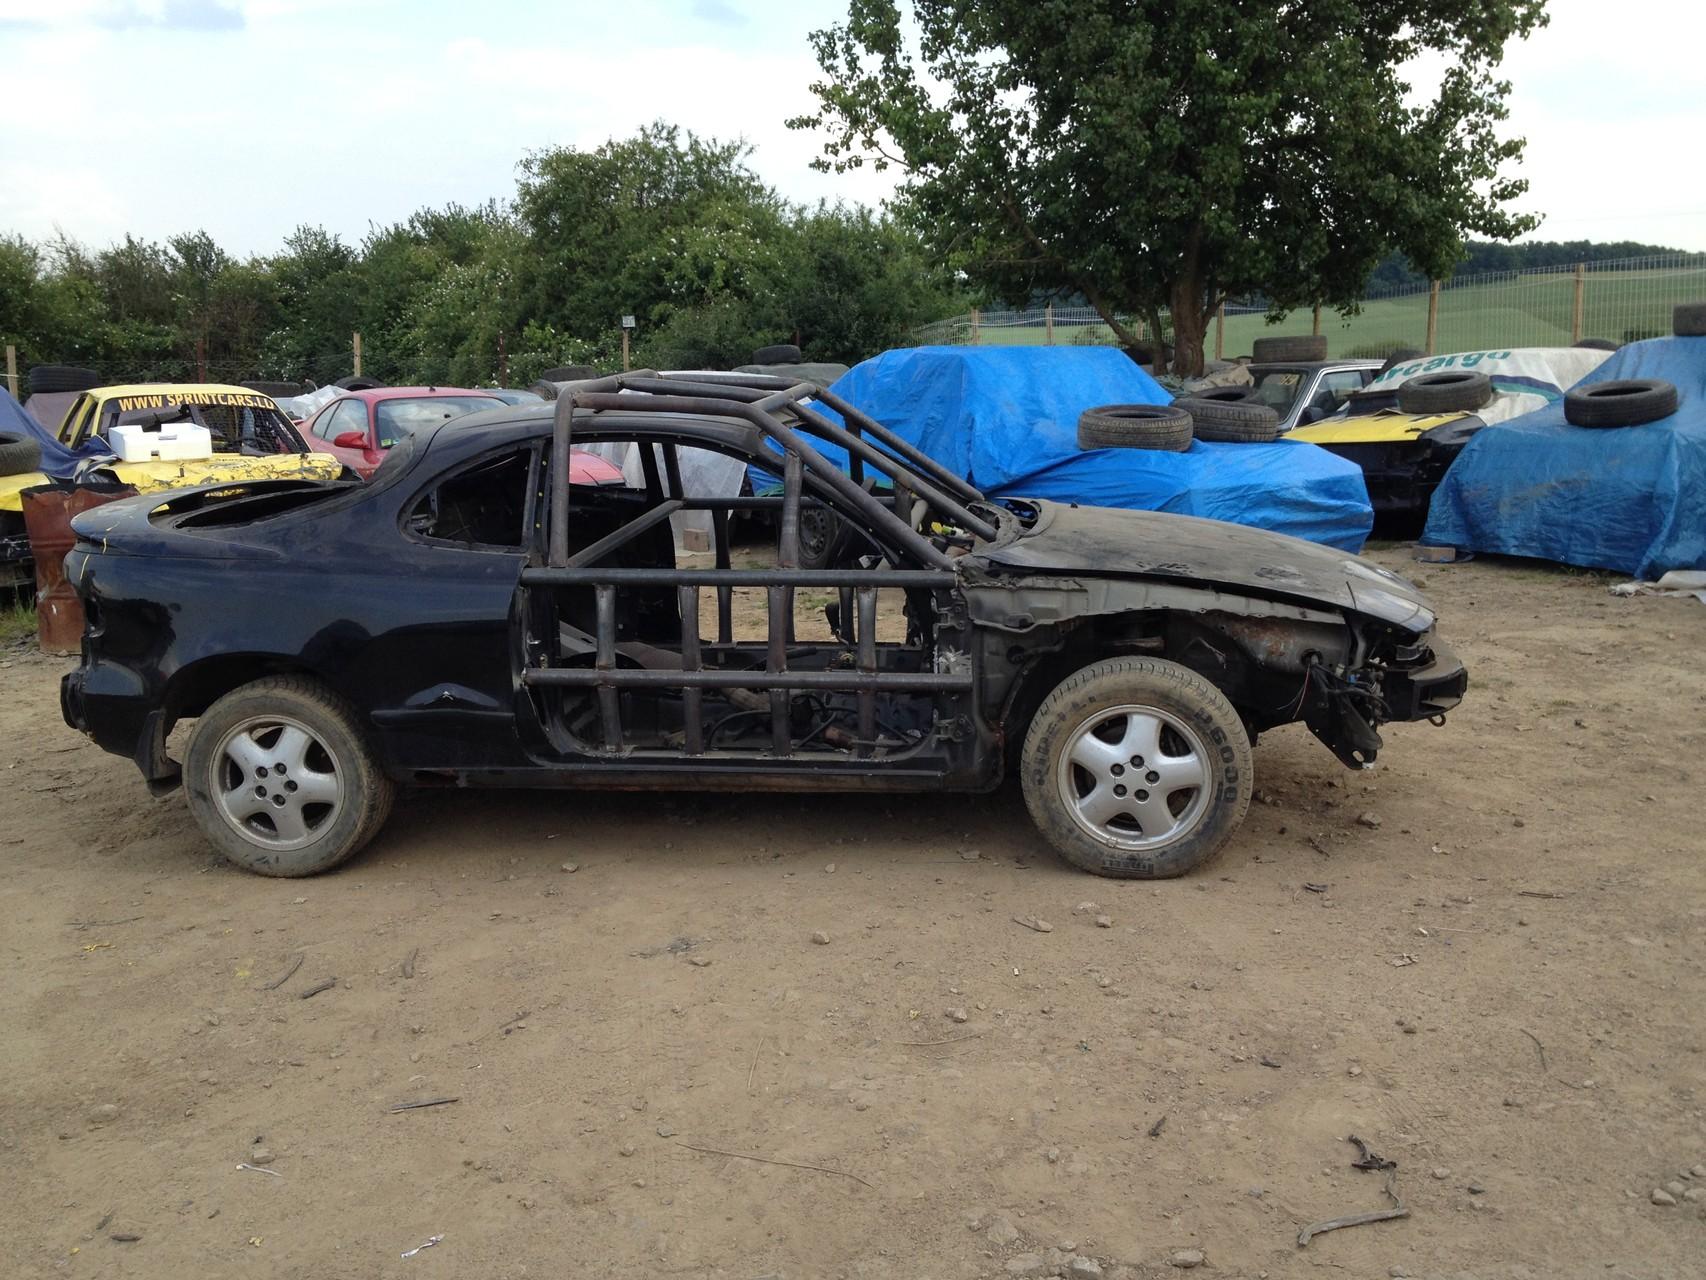 Wagen komplett ausgeweidet und mit Überrollbügel ausgestattet